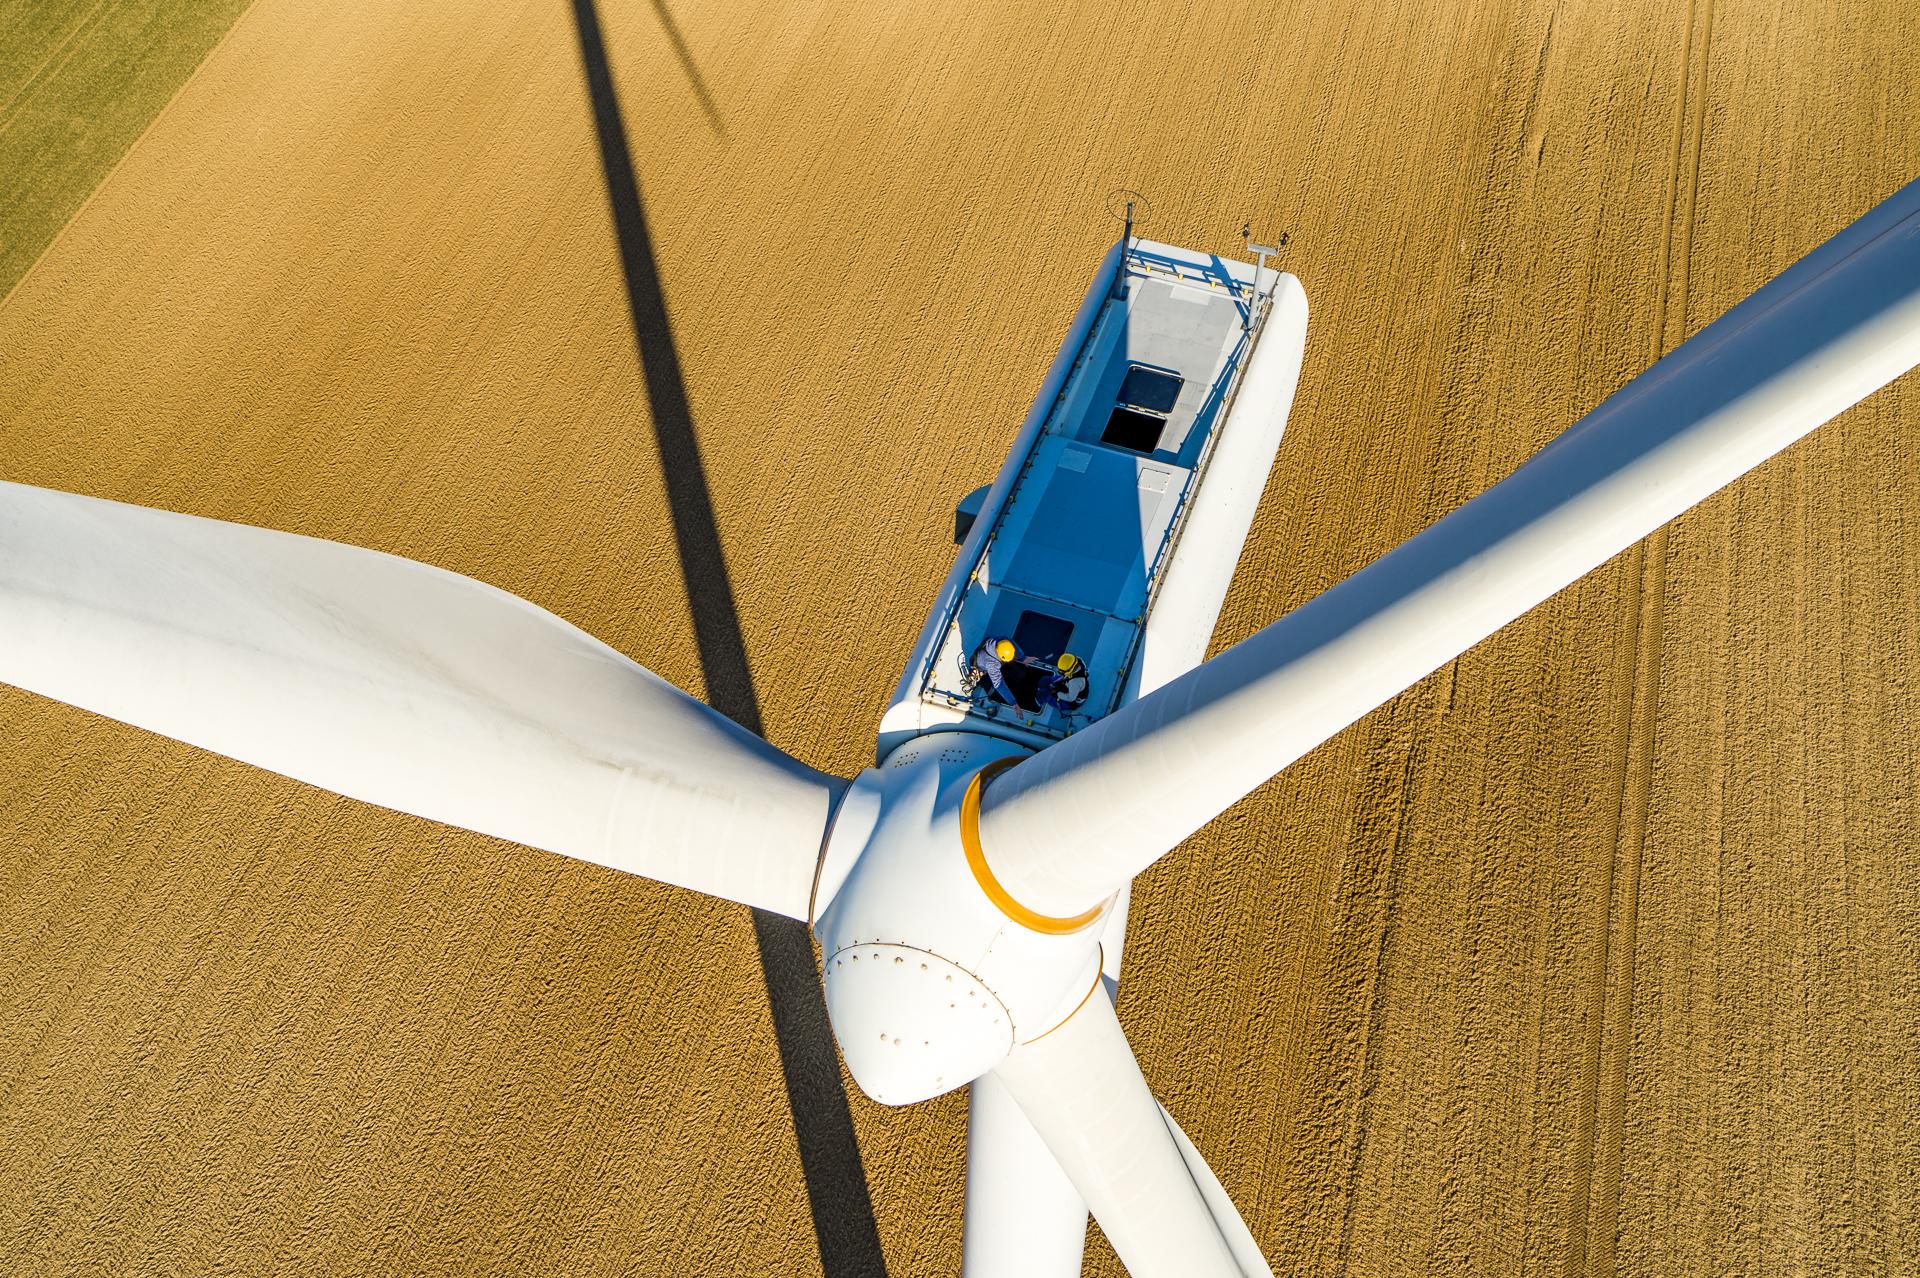 Kallista_Energy_Picardie_Omissy-0798©Stephane_Leroy.jpg